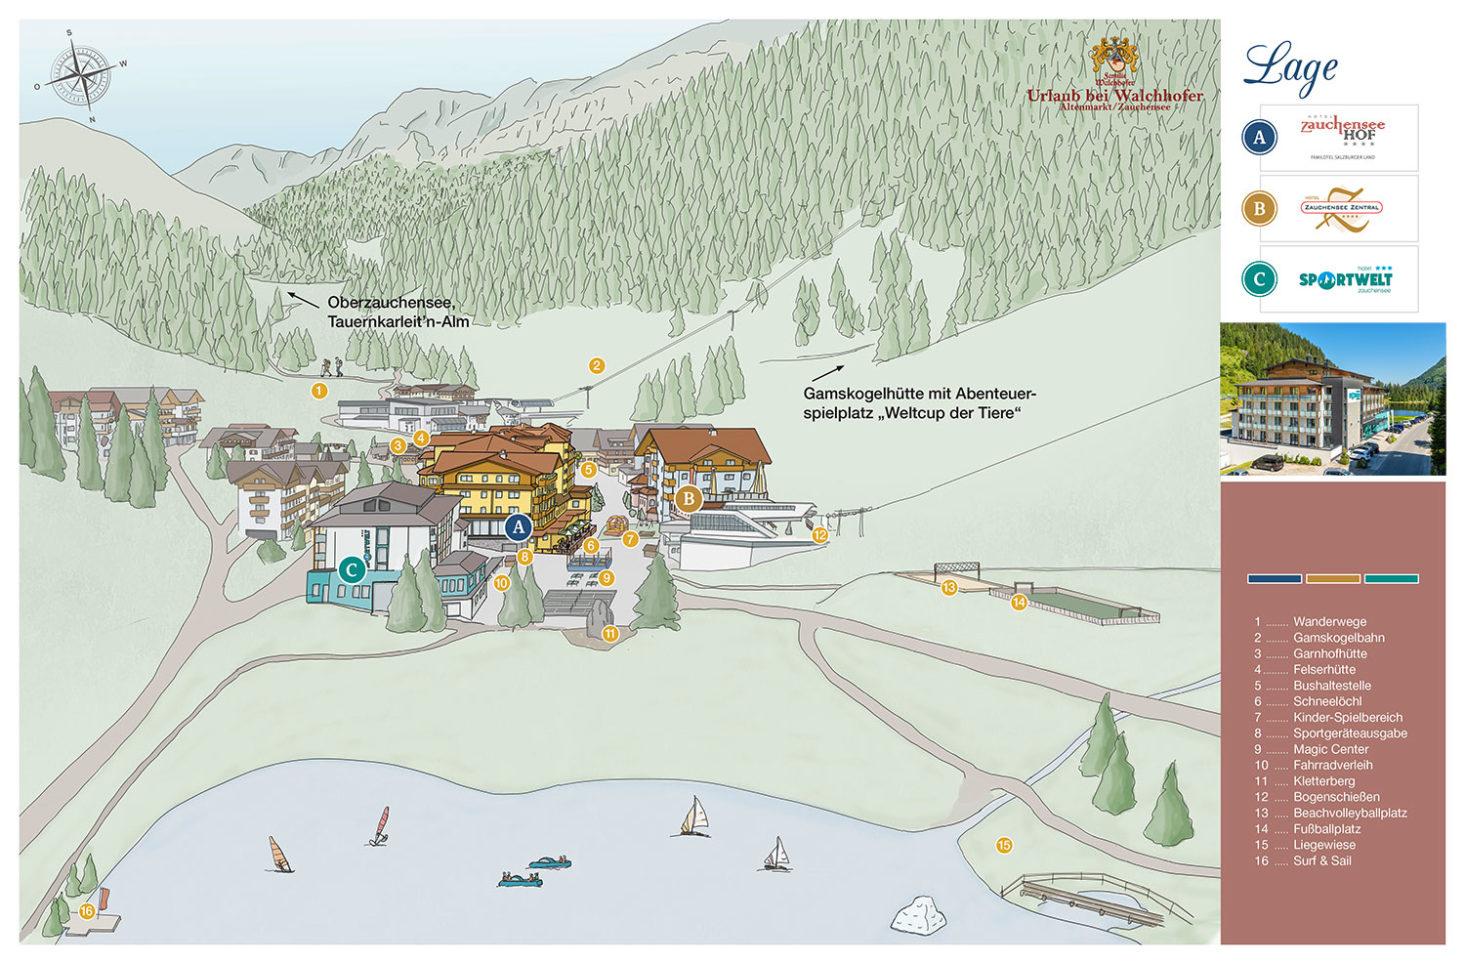 Hotel Sportwelt - Toplage in Zauchensee